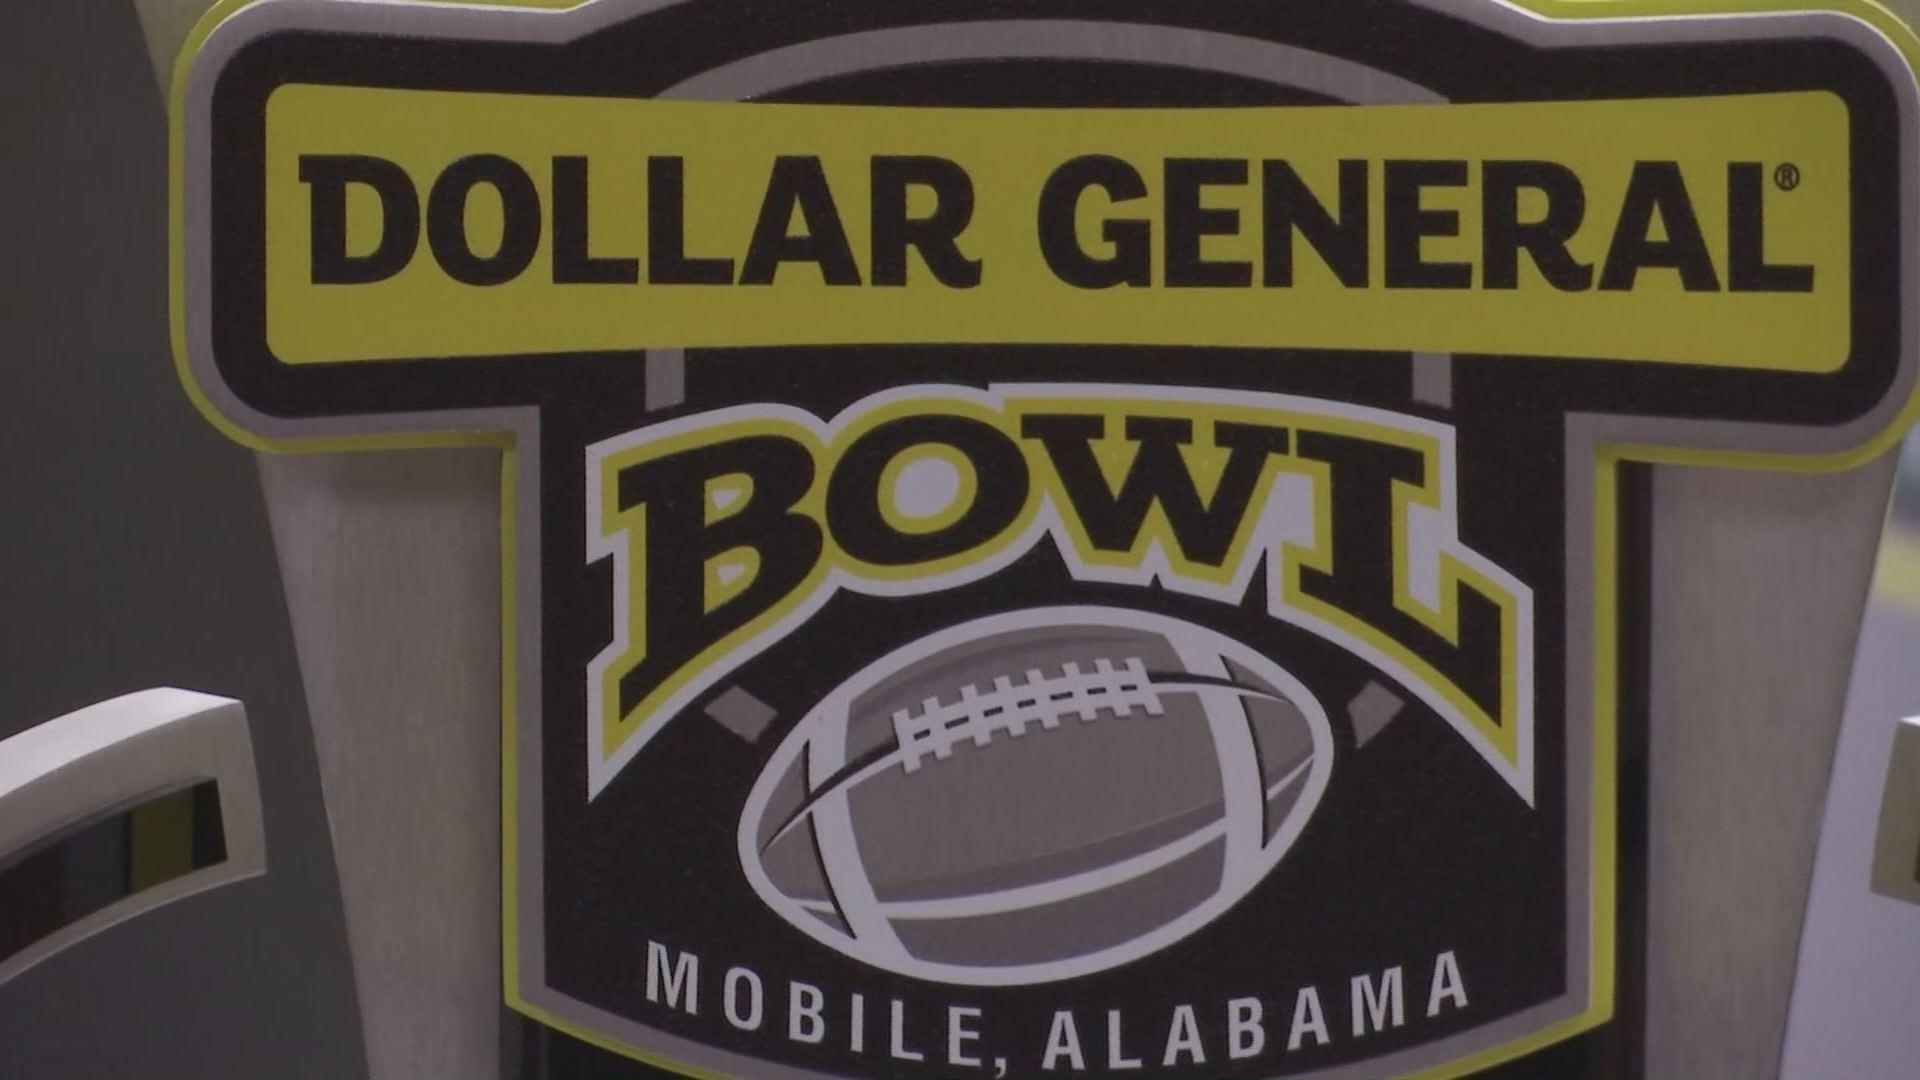 VIDEO: Teams arrive in Mobile head of Dollar General Bowl